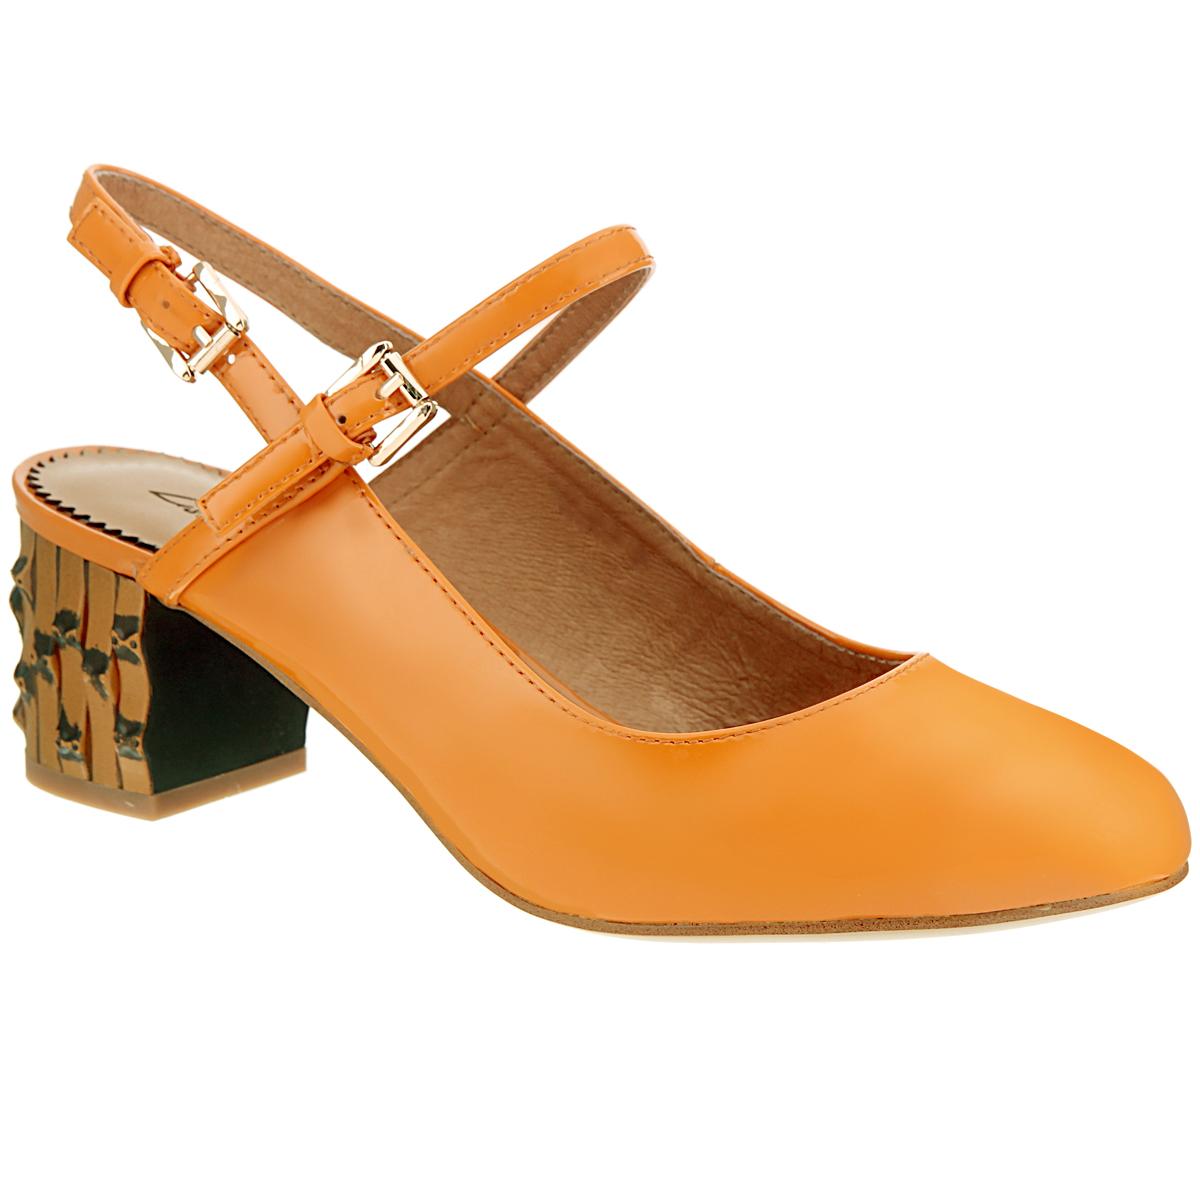 Туфли женские. 6021-10-36021-10-3Женские туфли на каблуке от Lisette прекрасно подчеркнут ваш стиль. Верх модели выполнен из натуральной лакированной кожи. Стелька из натуральной кожи гарантирует комфорт и удобство при ходьбе. Пятка открытая. Два тонких ремешка с металлическими пряжками вокруг щиколотки надежно фиксируют модель на ноге. Устойчивый широкий каблук оформлен декоративной отделкой. Подошва выполнена из прочной резины с противоскользящим рифлением. Такие туфли станут прекрасным дополнением вашего гардероба. Они сделают вас ярче и подчеркнут вашу индивидуальность.